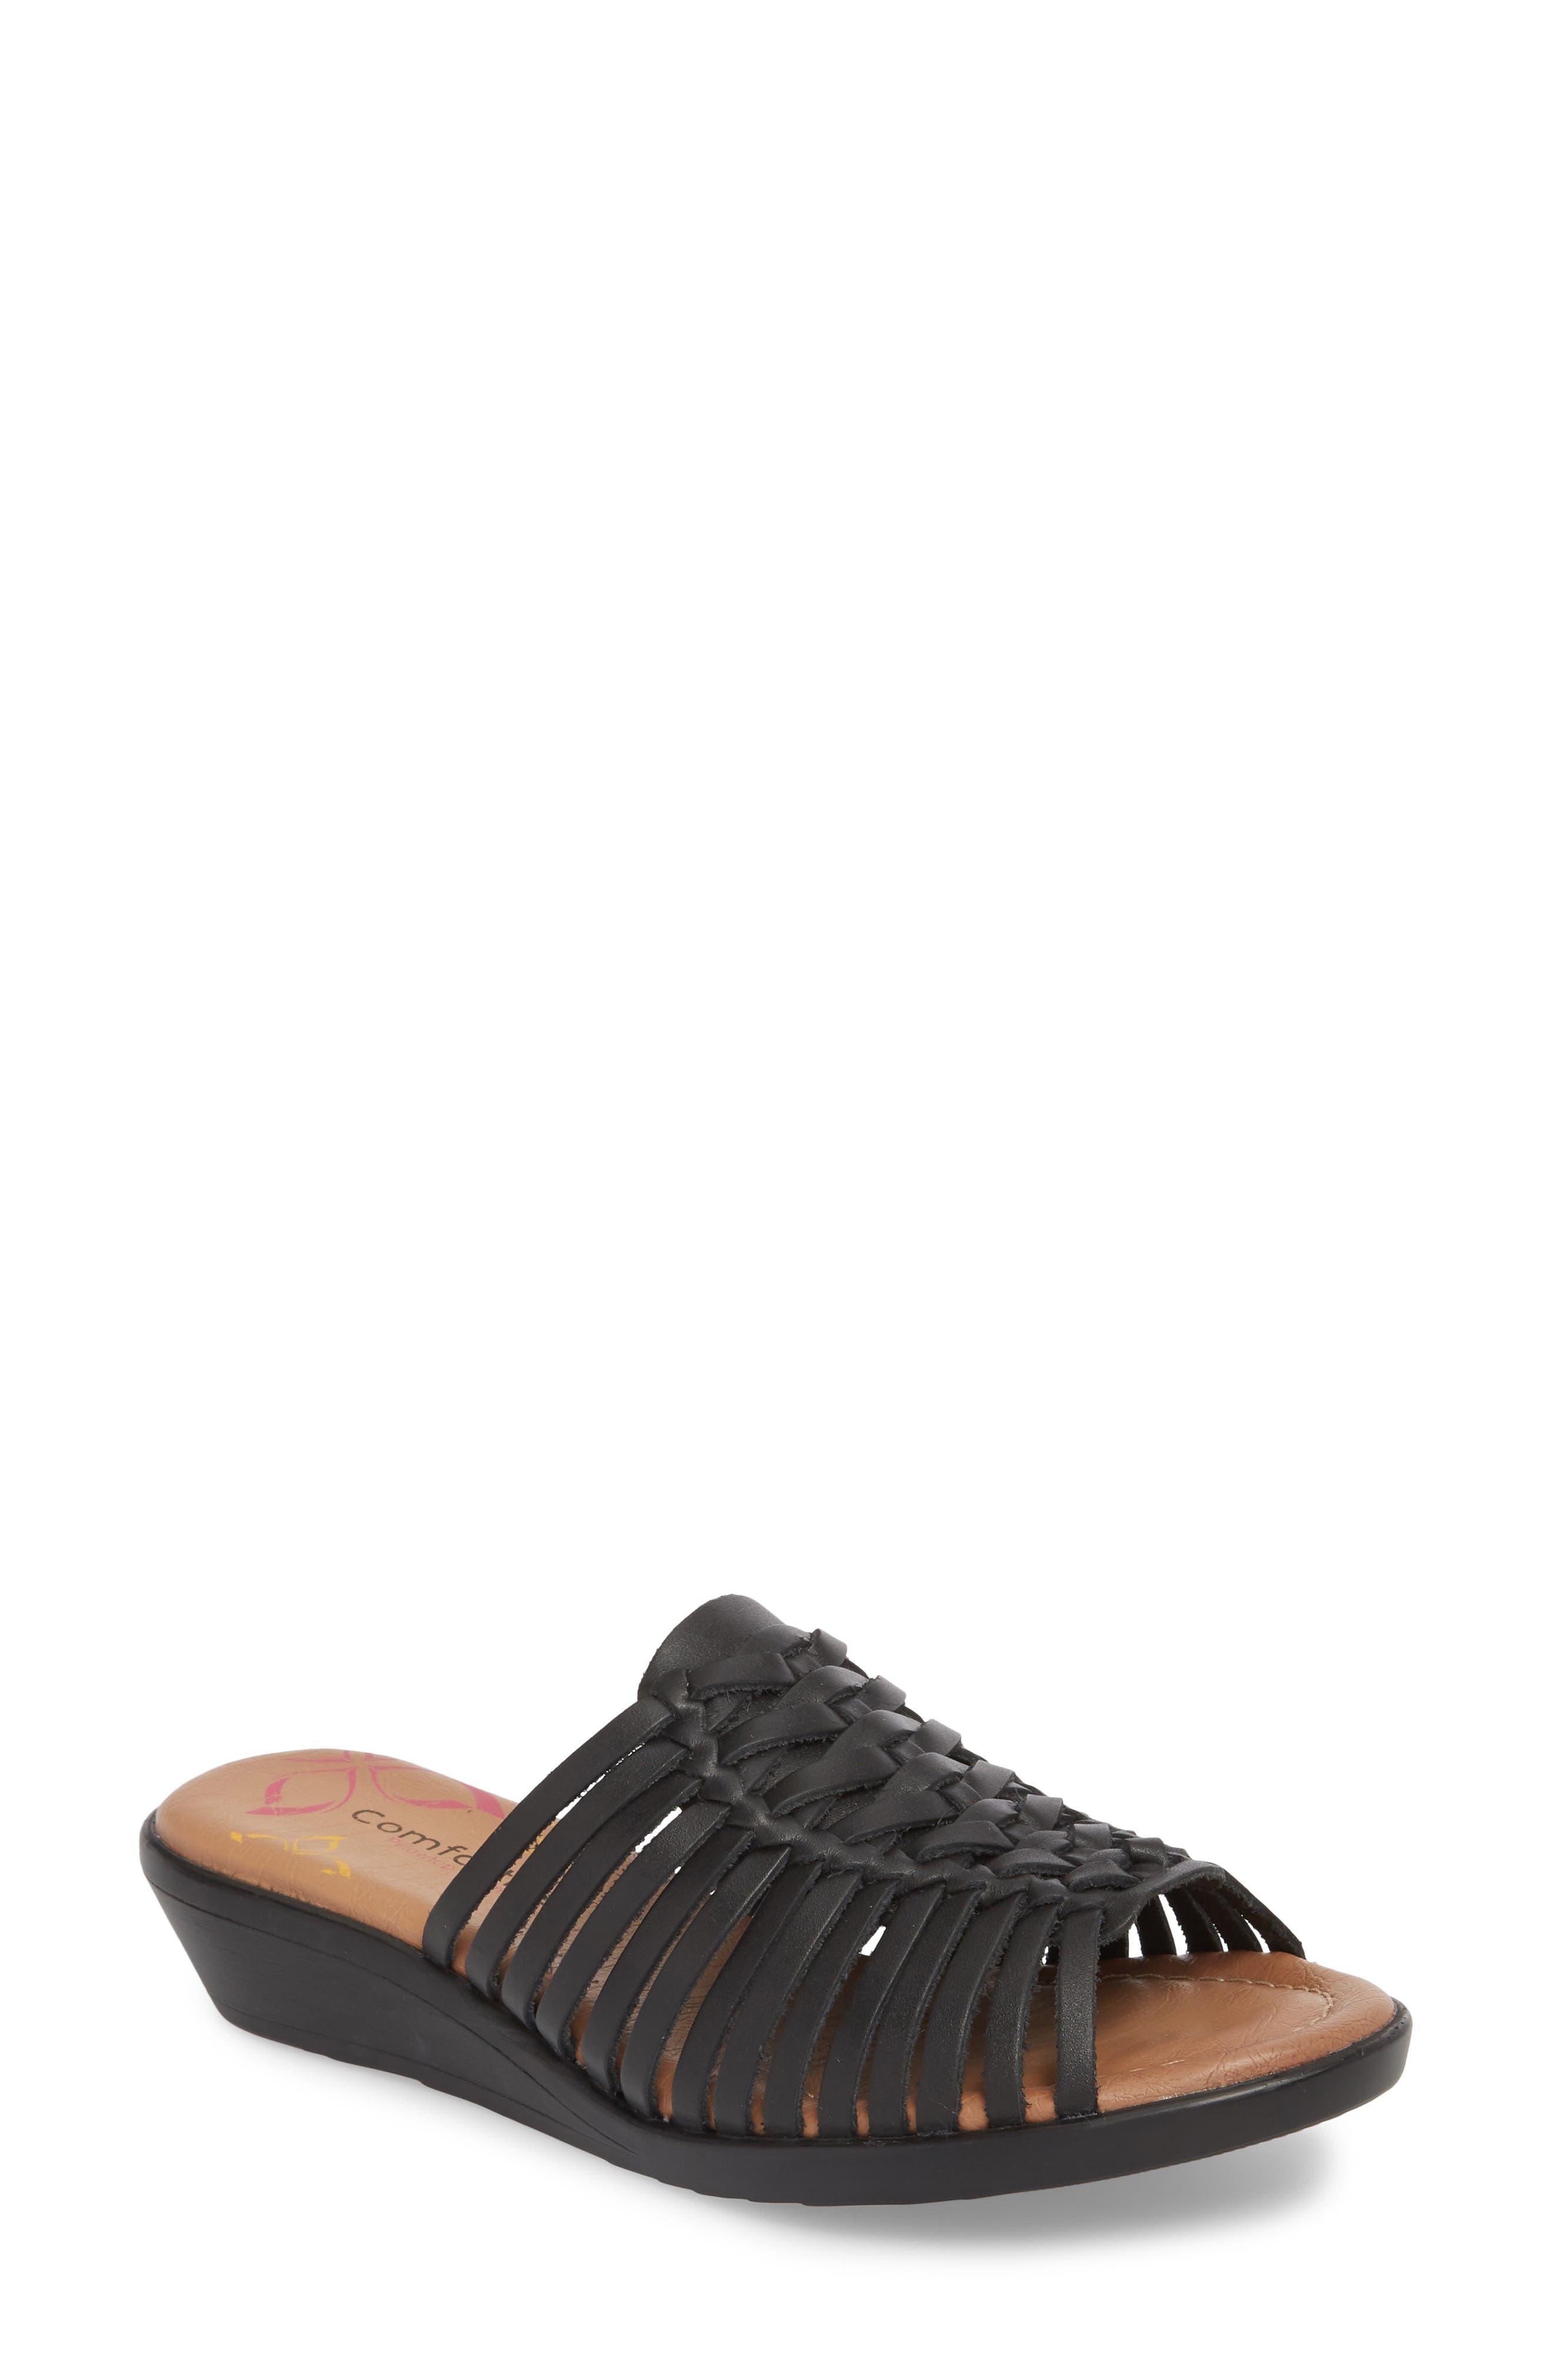 Felida Huarache Slide Sandal,                             Main thumbnail 1, color,                             Black Leather